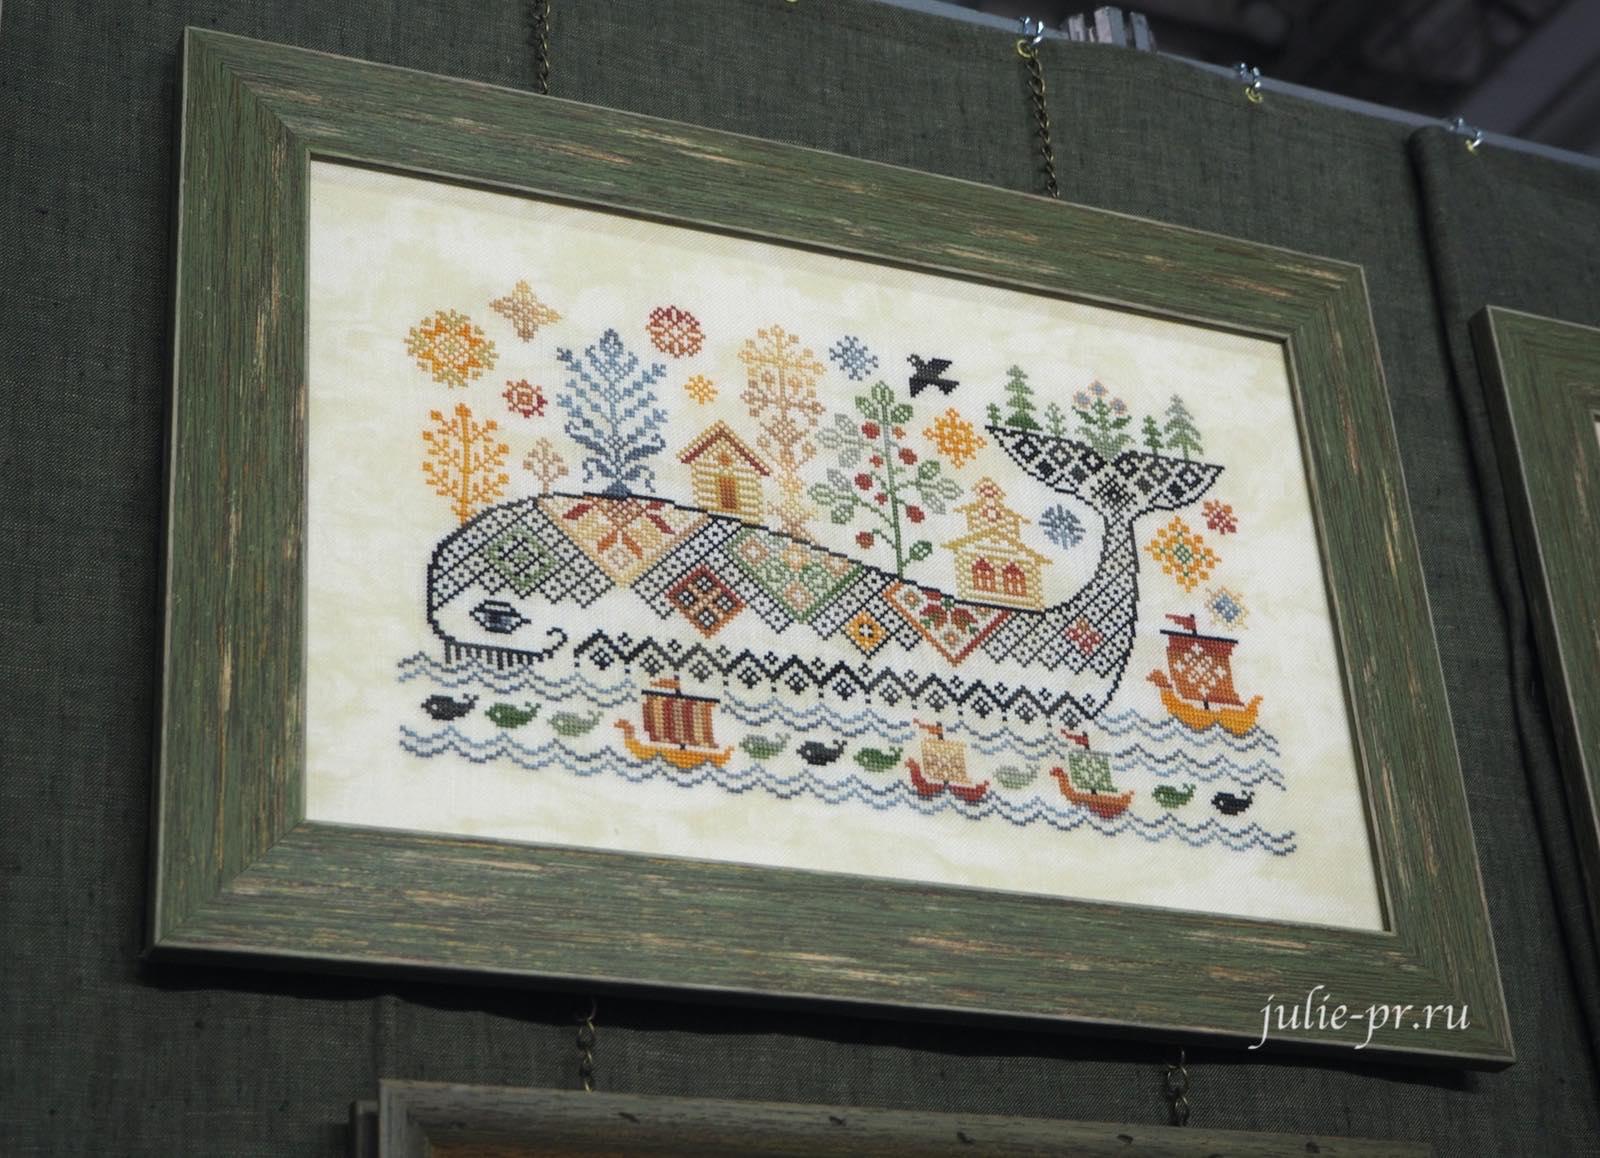 Совиный лес, рыба кит, вышивка крестом, примитив